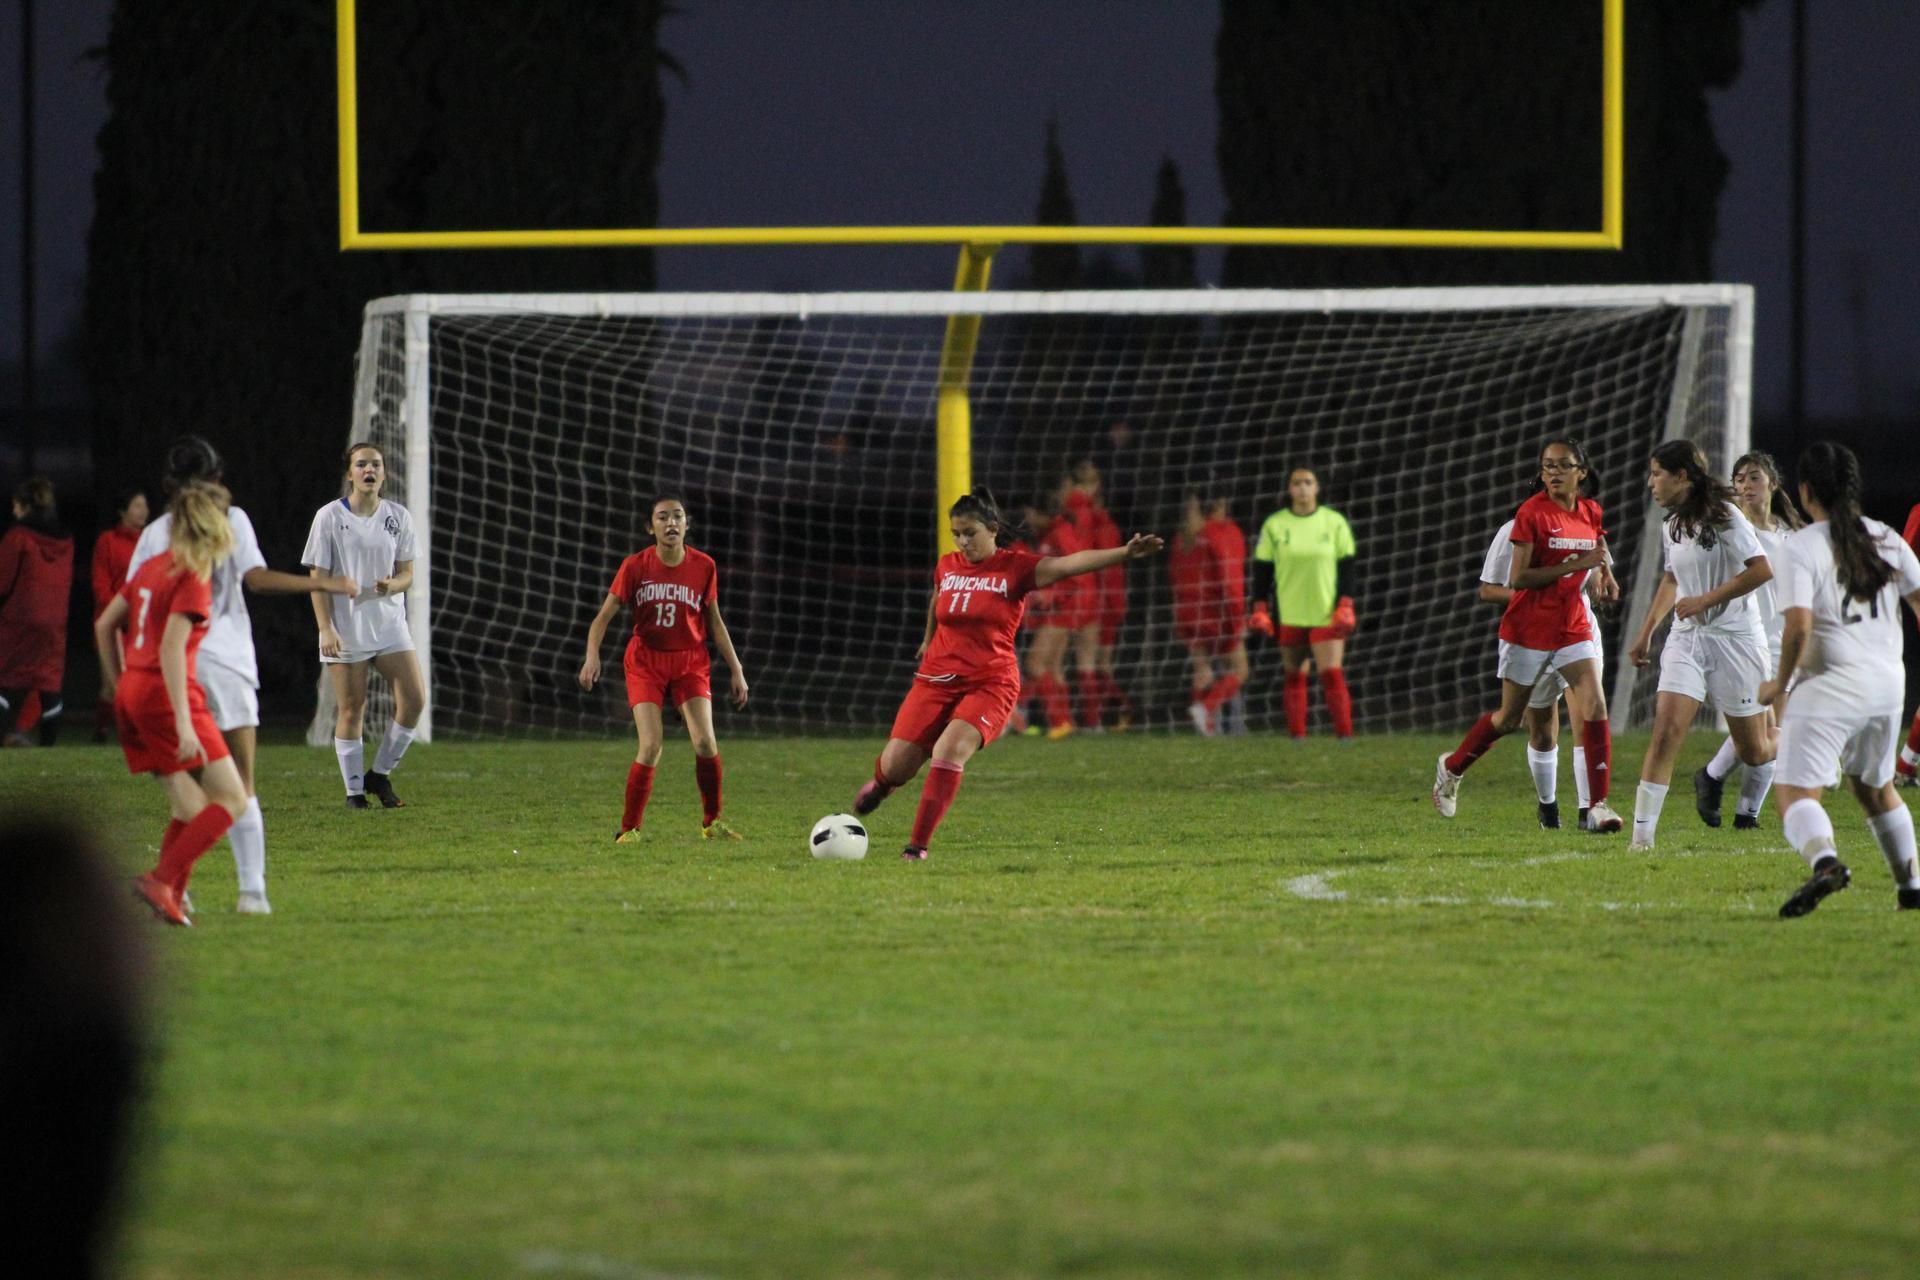 Girl's playing soccer against Merced.